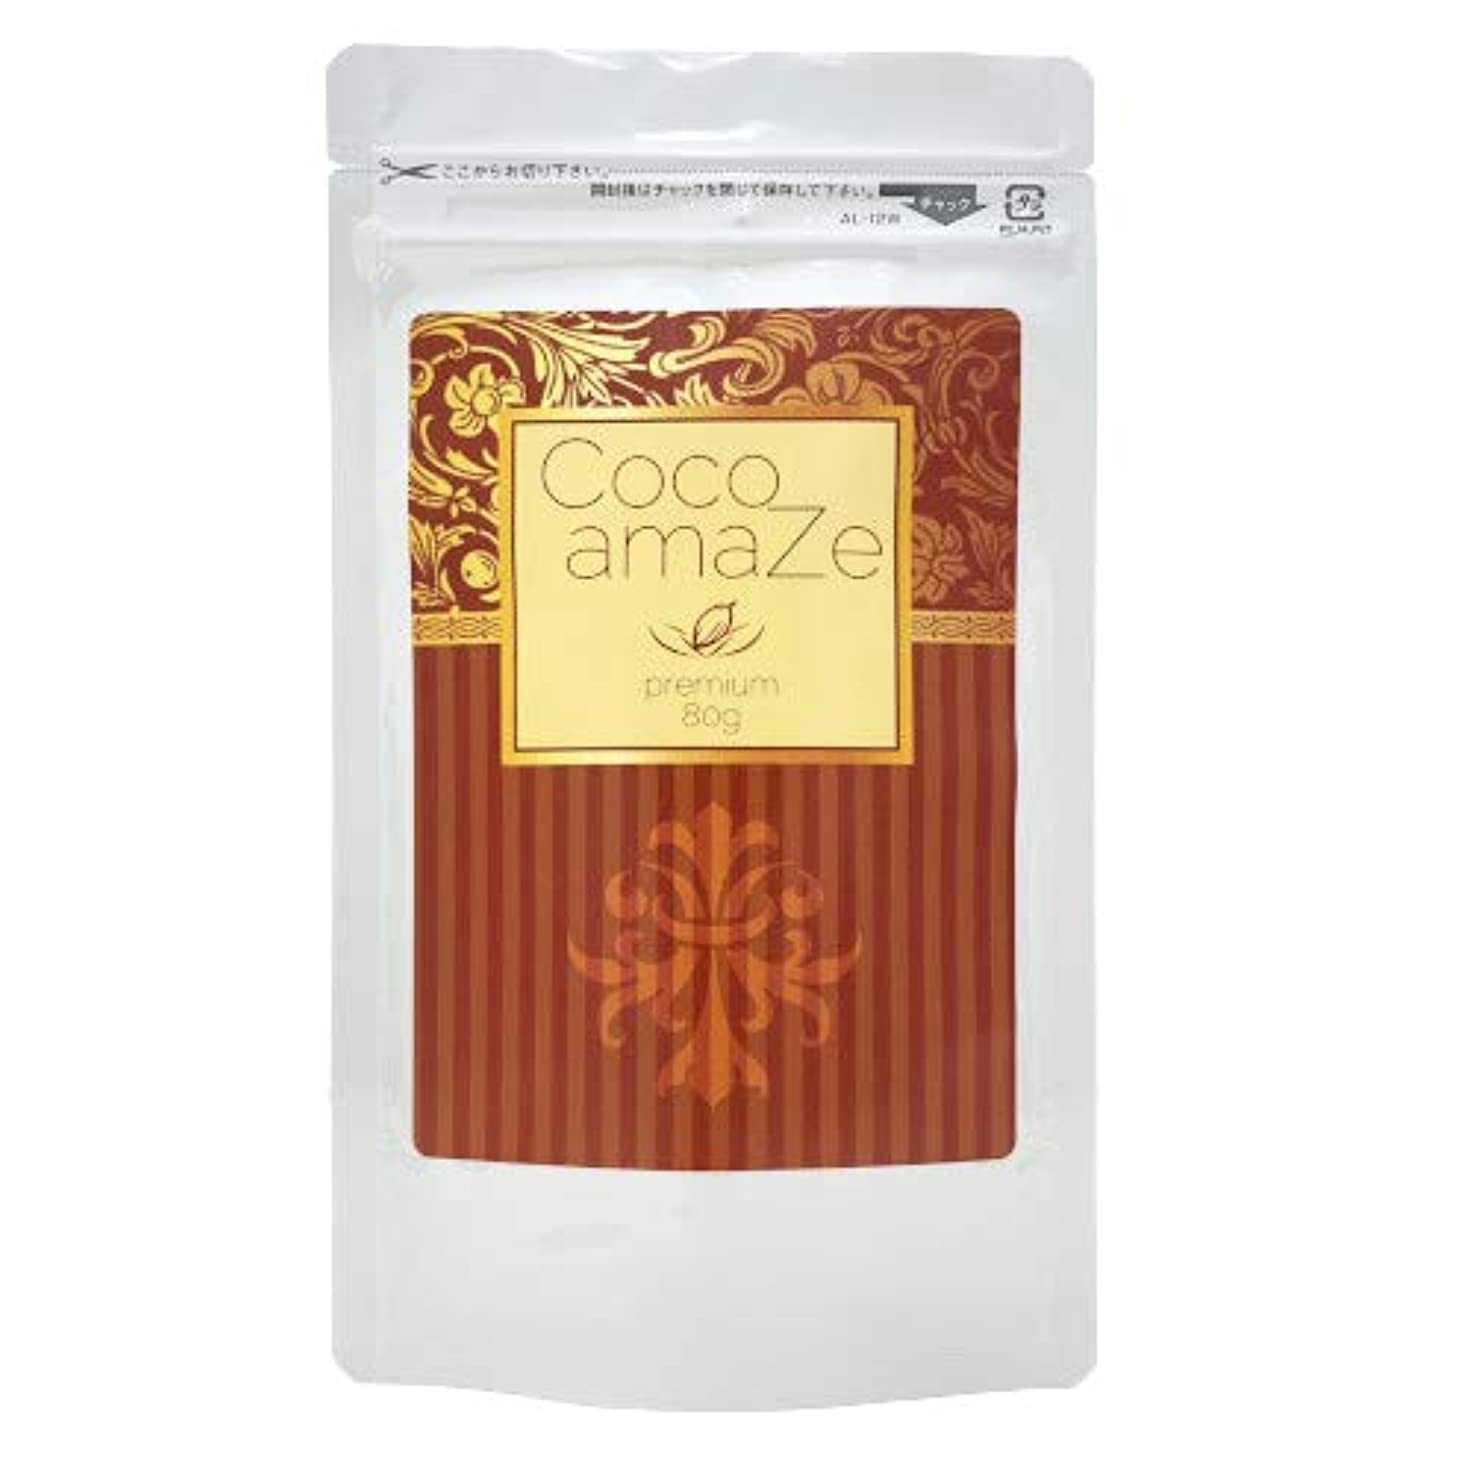 ブラジャー権限を与える会社ココアメイズ ダイエットドリンク 80g ダイエットココア キャンドルブッシュ